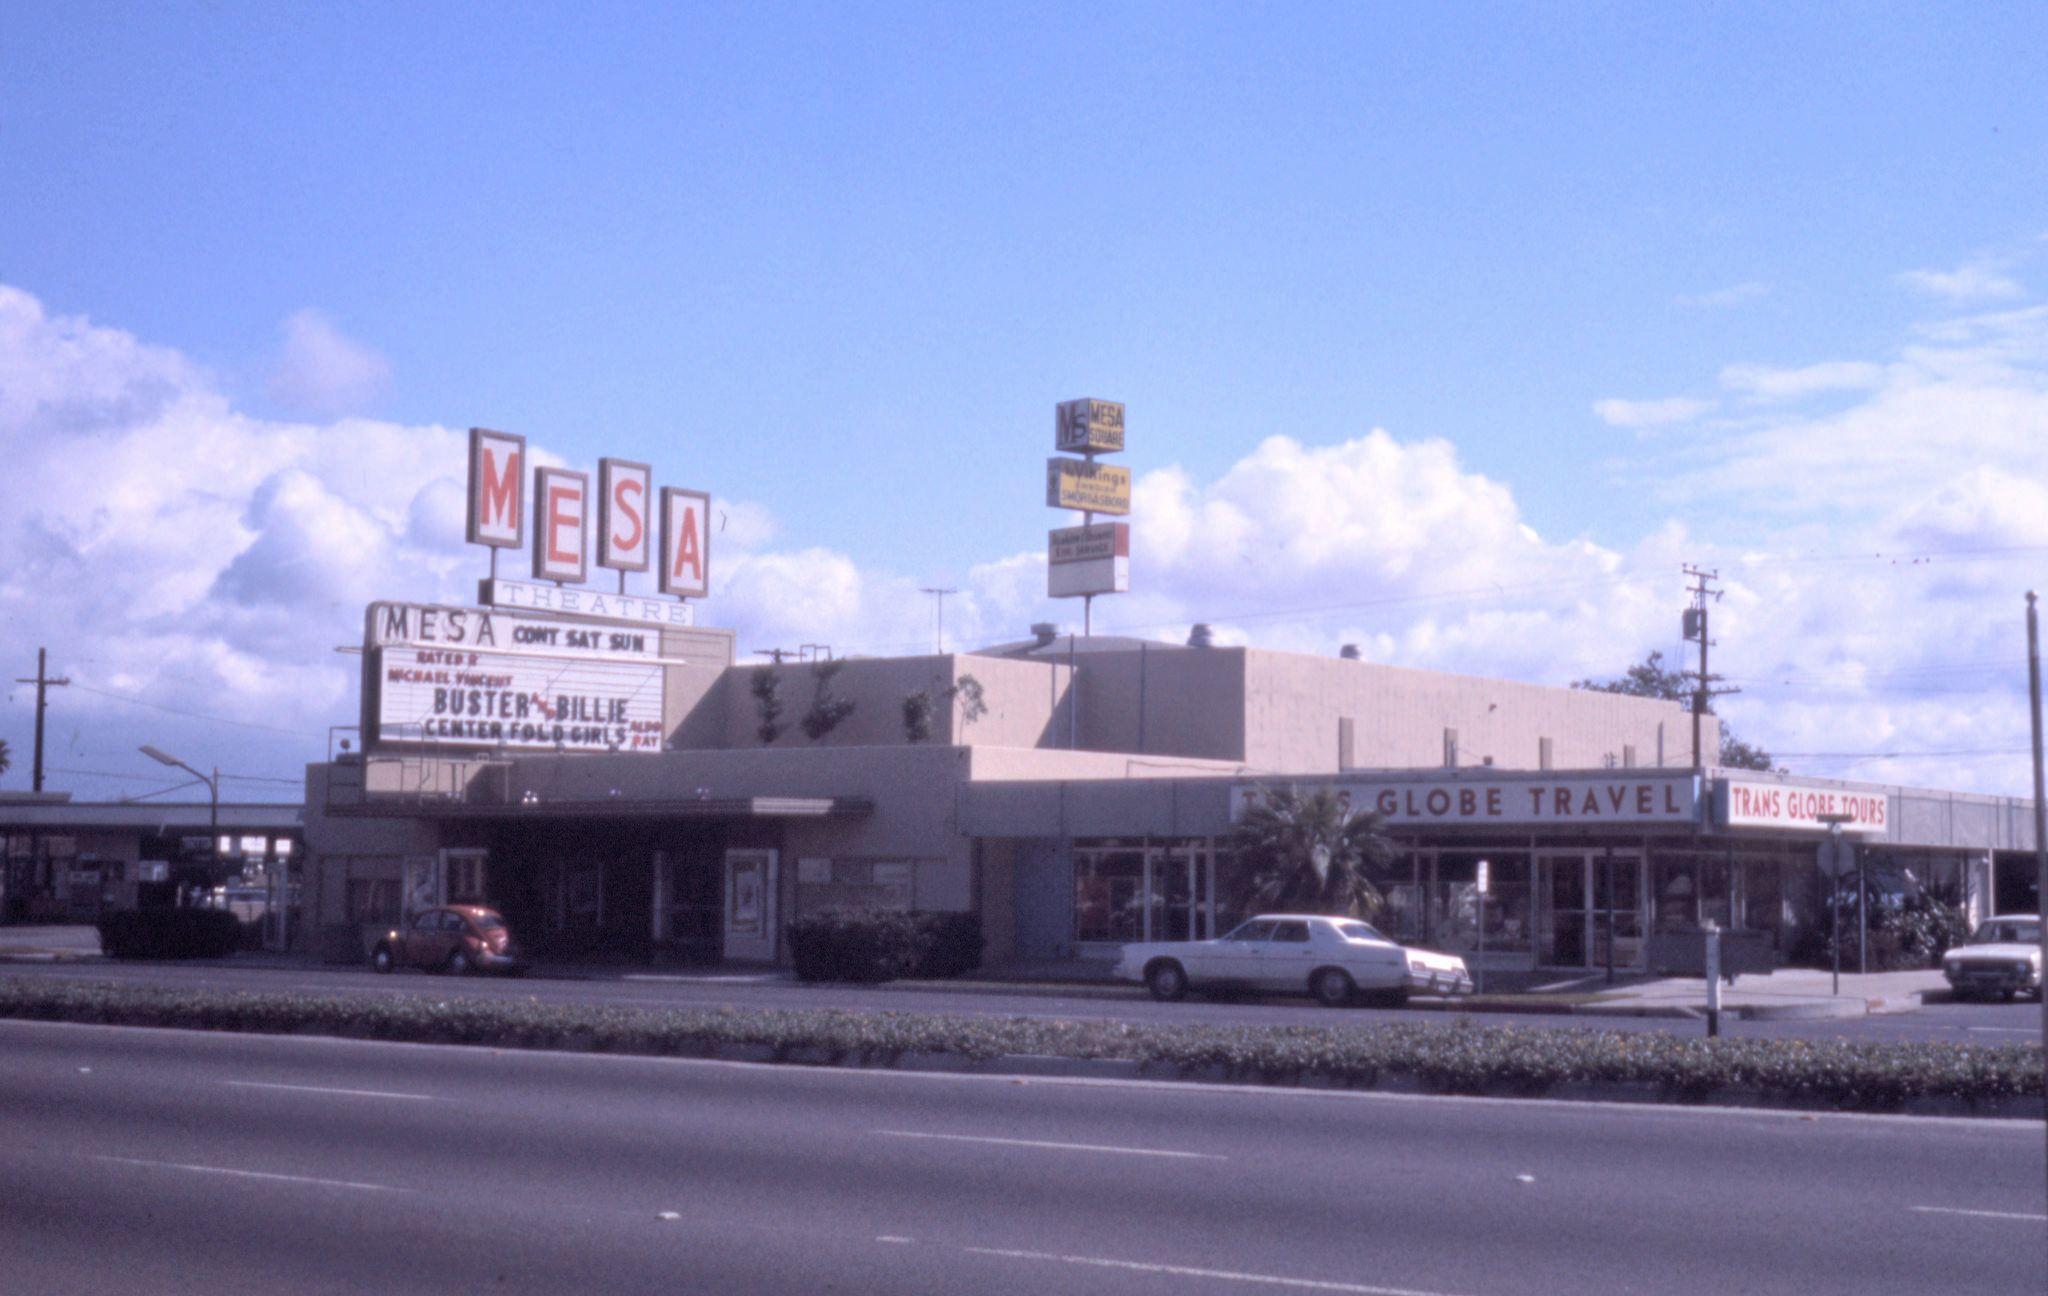 Mesa Theater Newport Blvd Costa Mesa 1974 Orange County